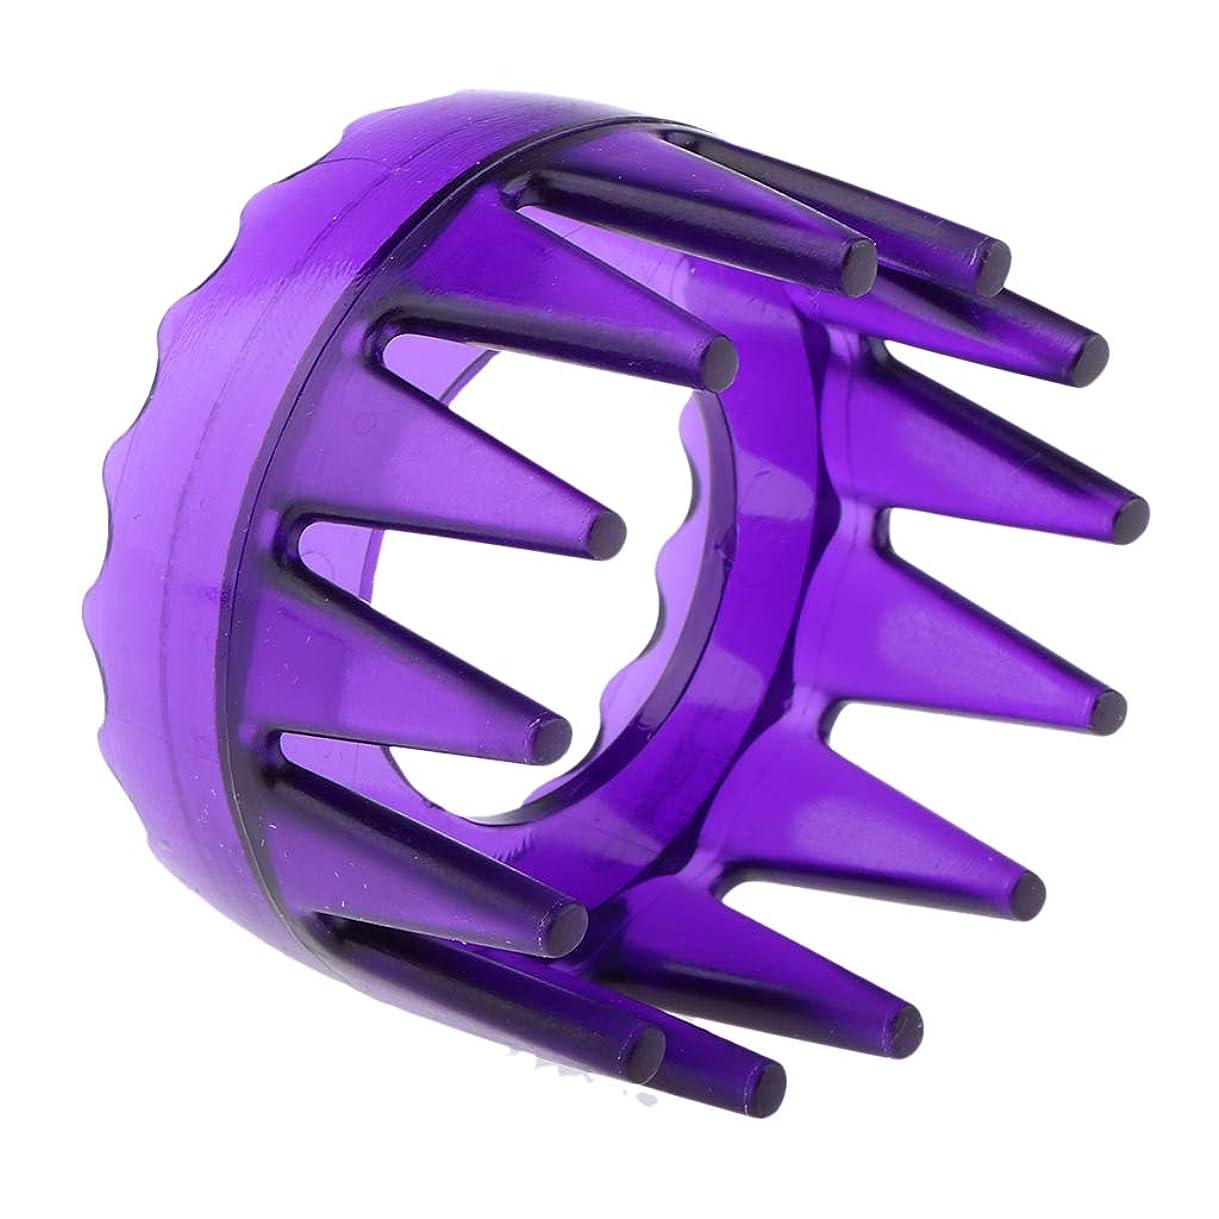 アフリカキリン進化するB Blesiya 頭皮マッサージ シャワー シャンプー ヘアブラシ マッサージャー櫛 ユニセックス 4色選べ - 紫